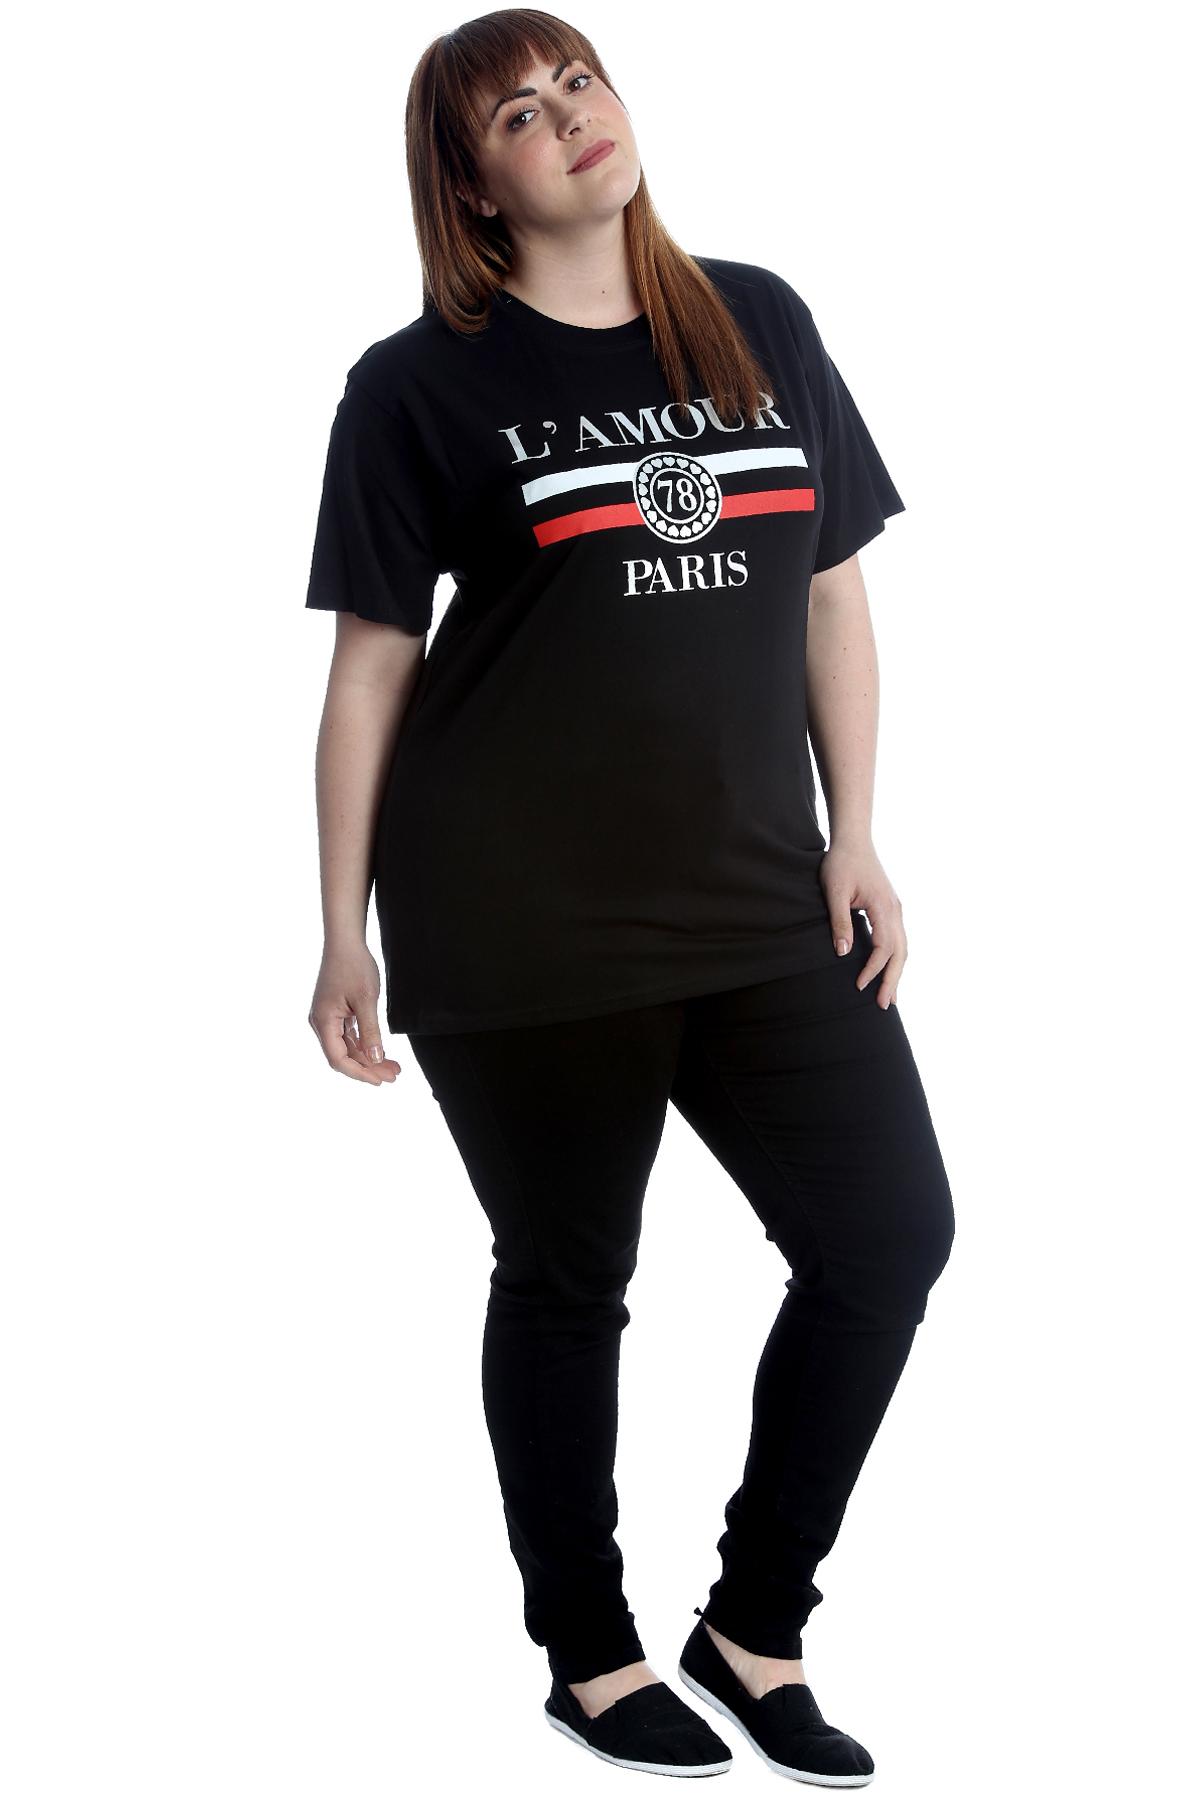 5f7ba46d New Womens T-Shirt Plus Size Top Ladies Cotton L'Amour Paris Print ...